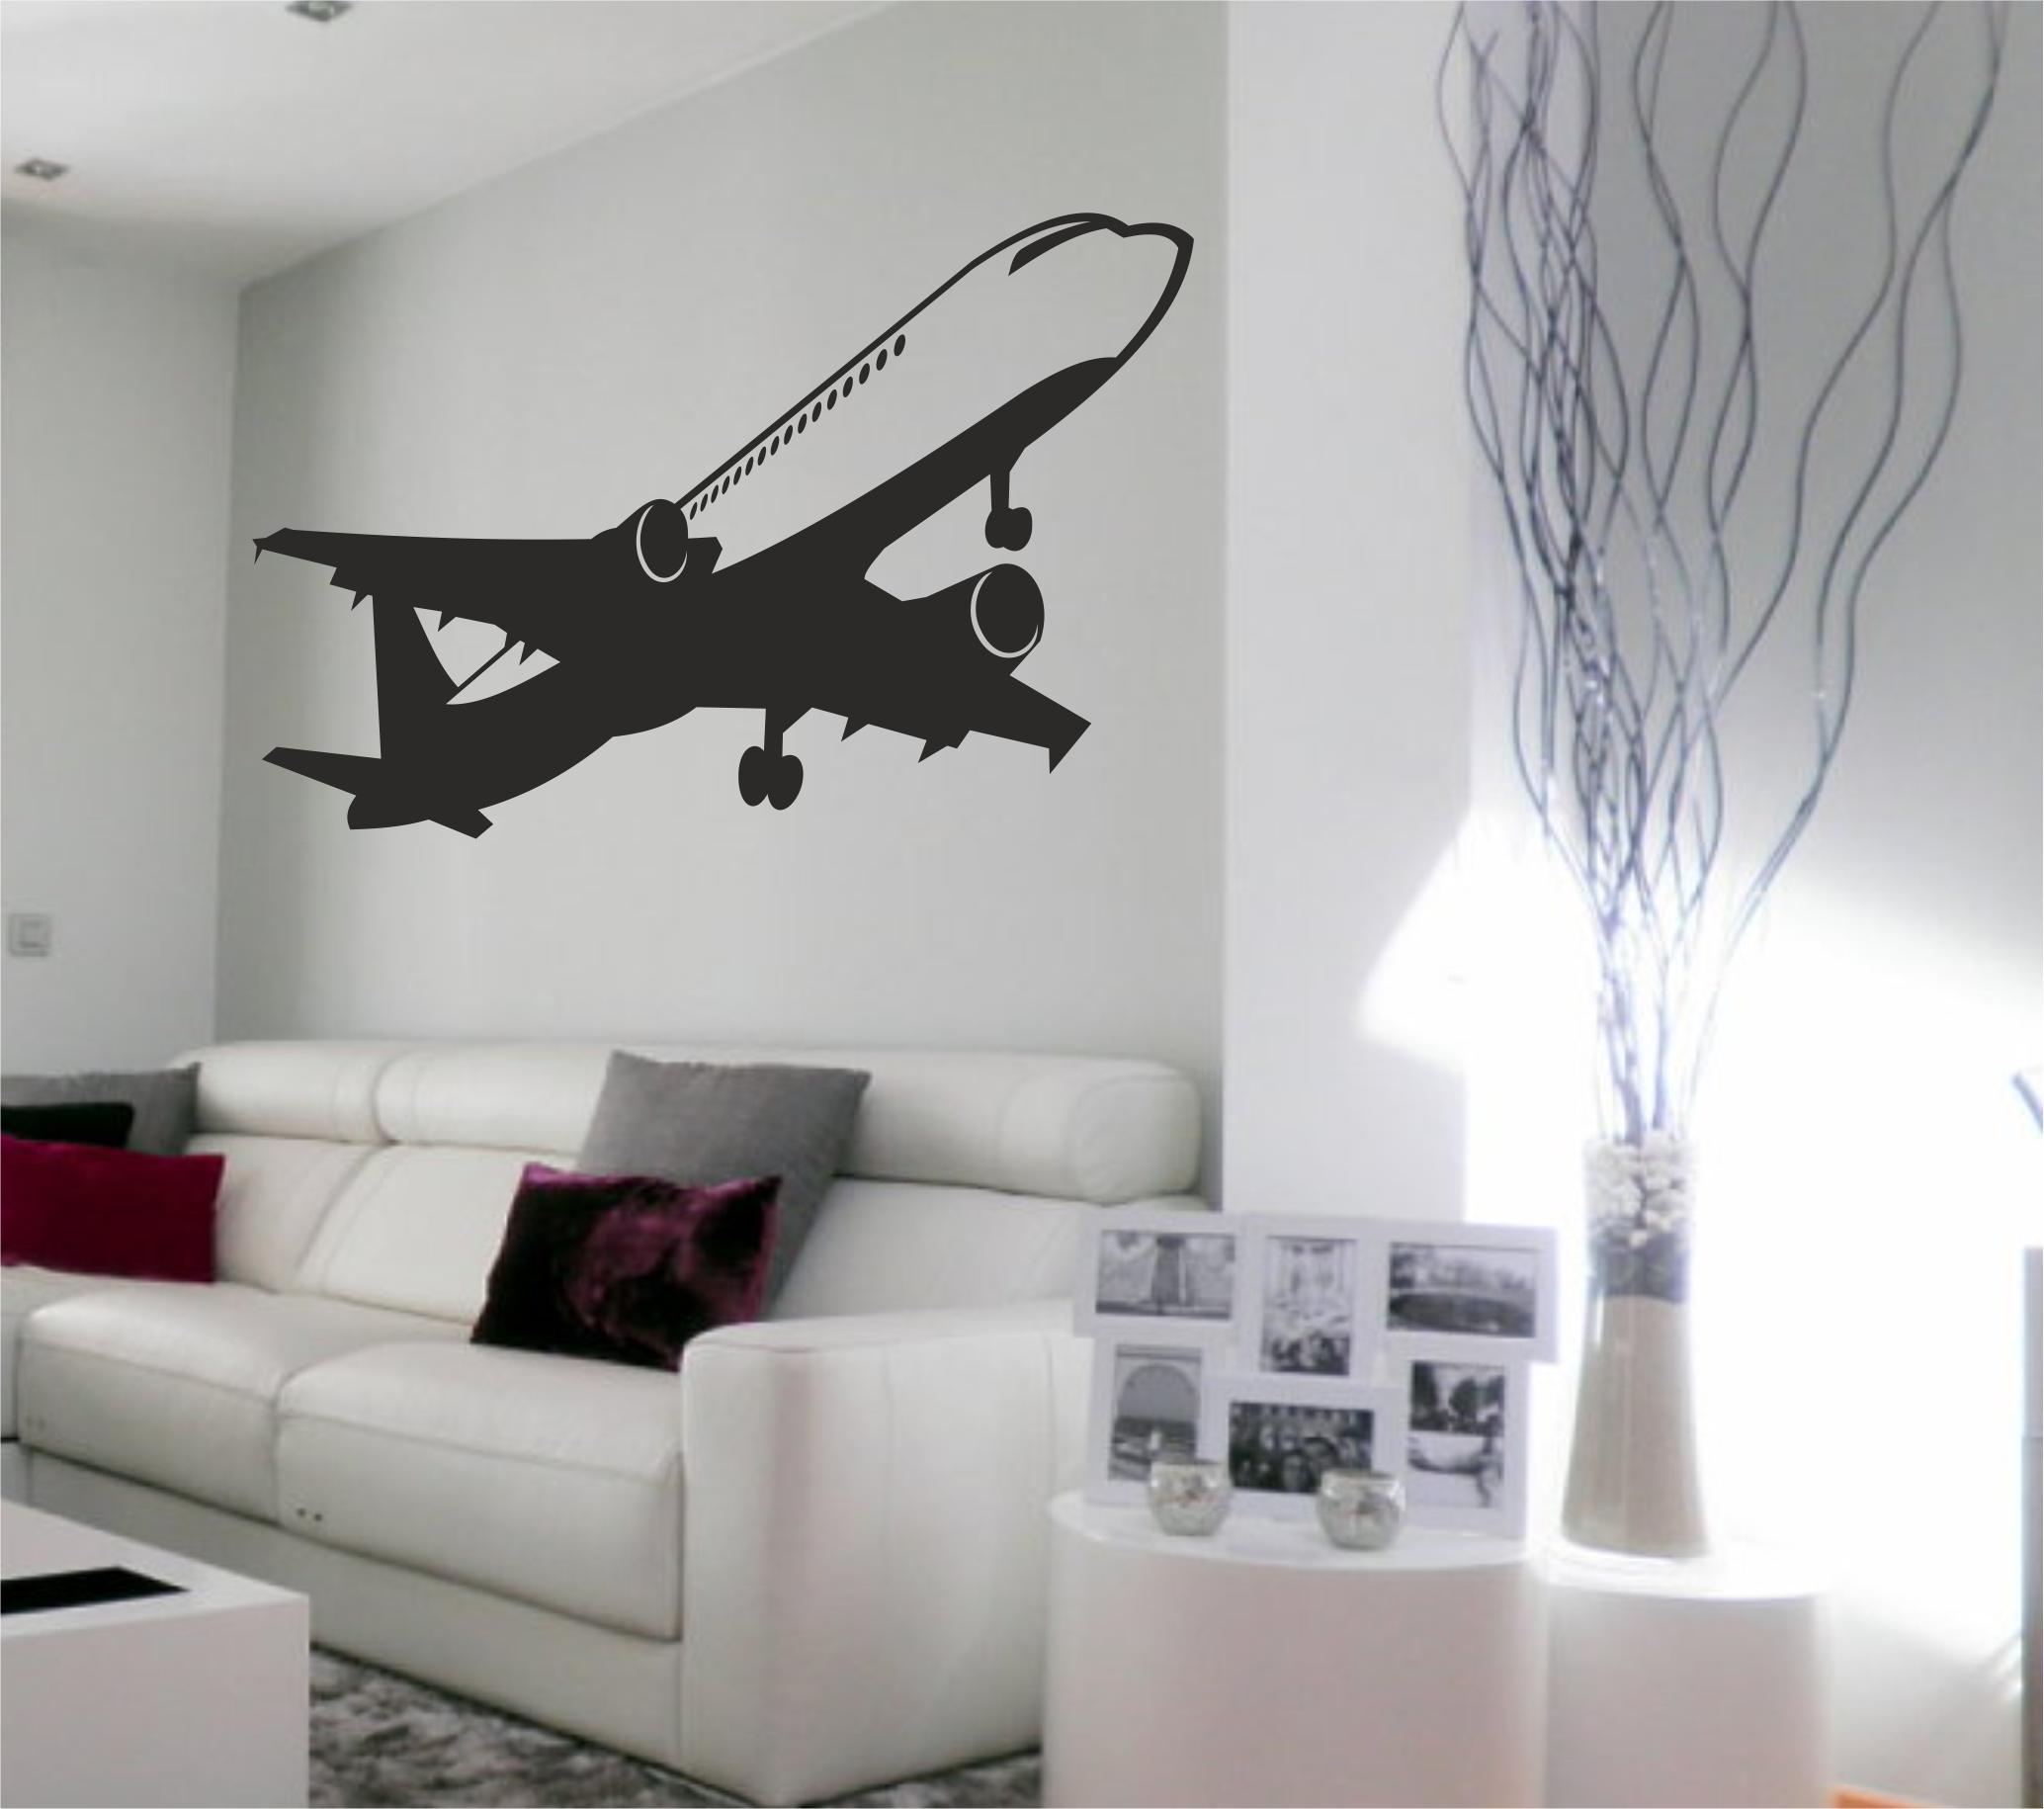 Vinilo Avión Diseño De Cuarto Decoración De Unas Decoración Del Hogar